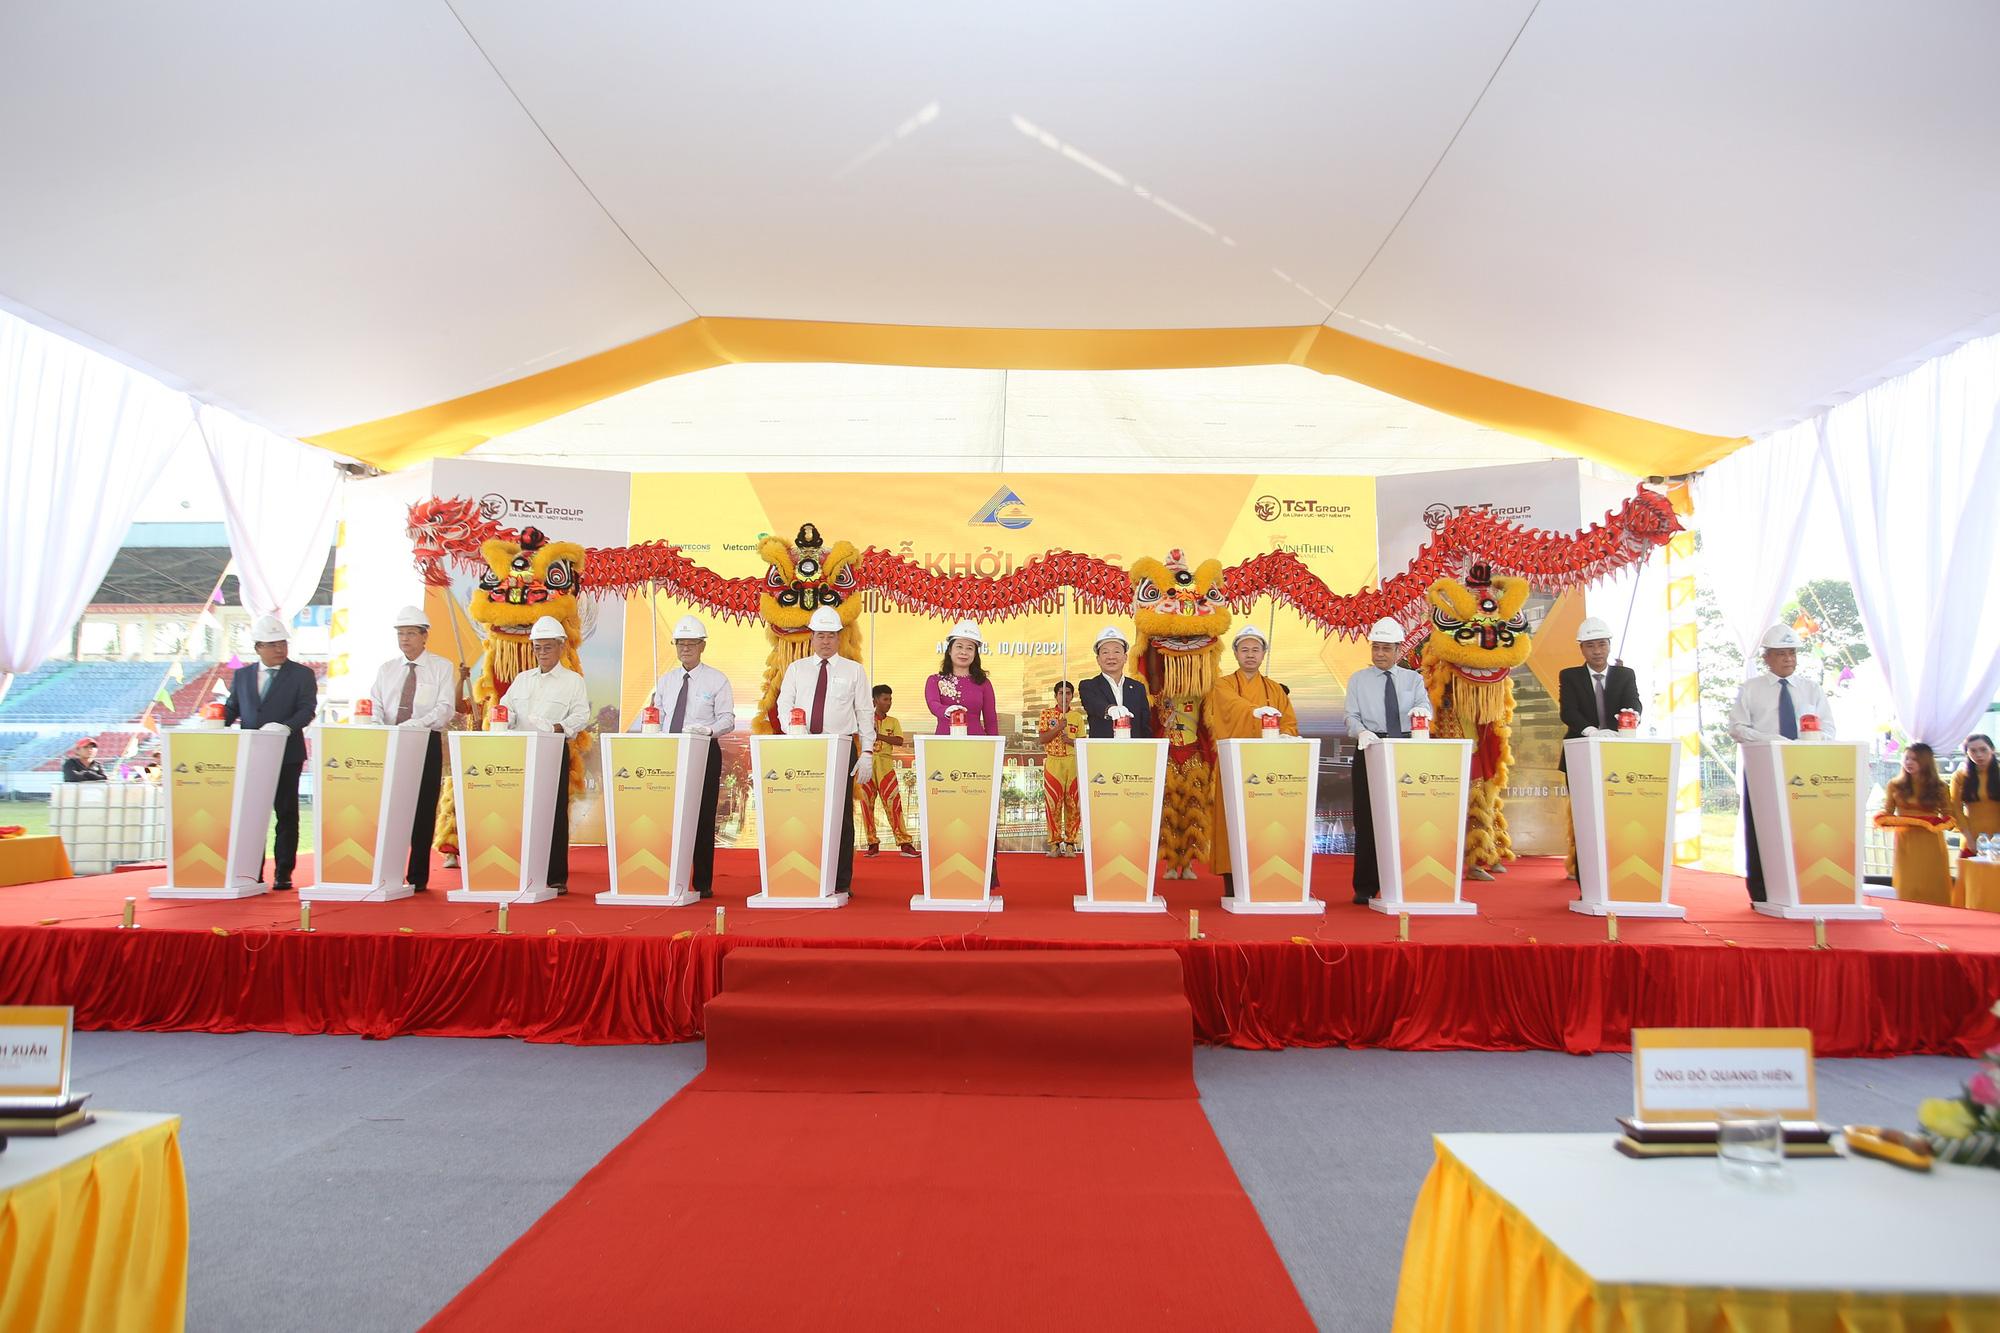 T&T Group khởi công khu phức hợp nhà ở - thương mại dịch vụ tại Trung tâm TP. Long Xuyên - Ảnh 1.